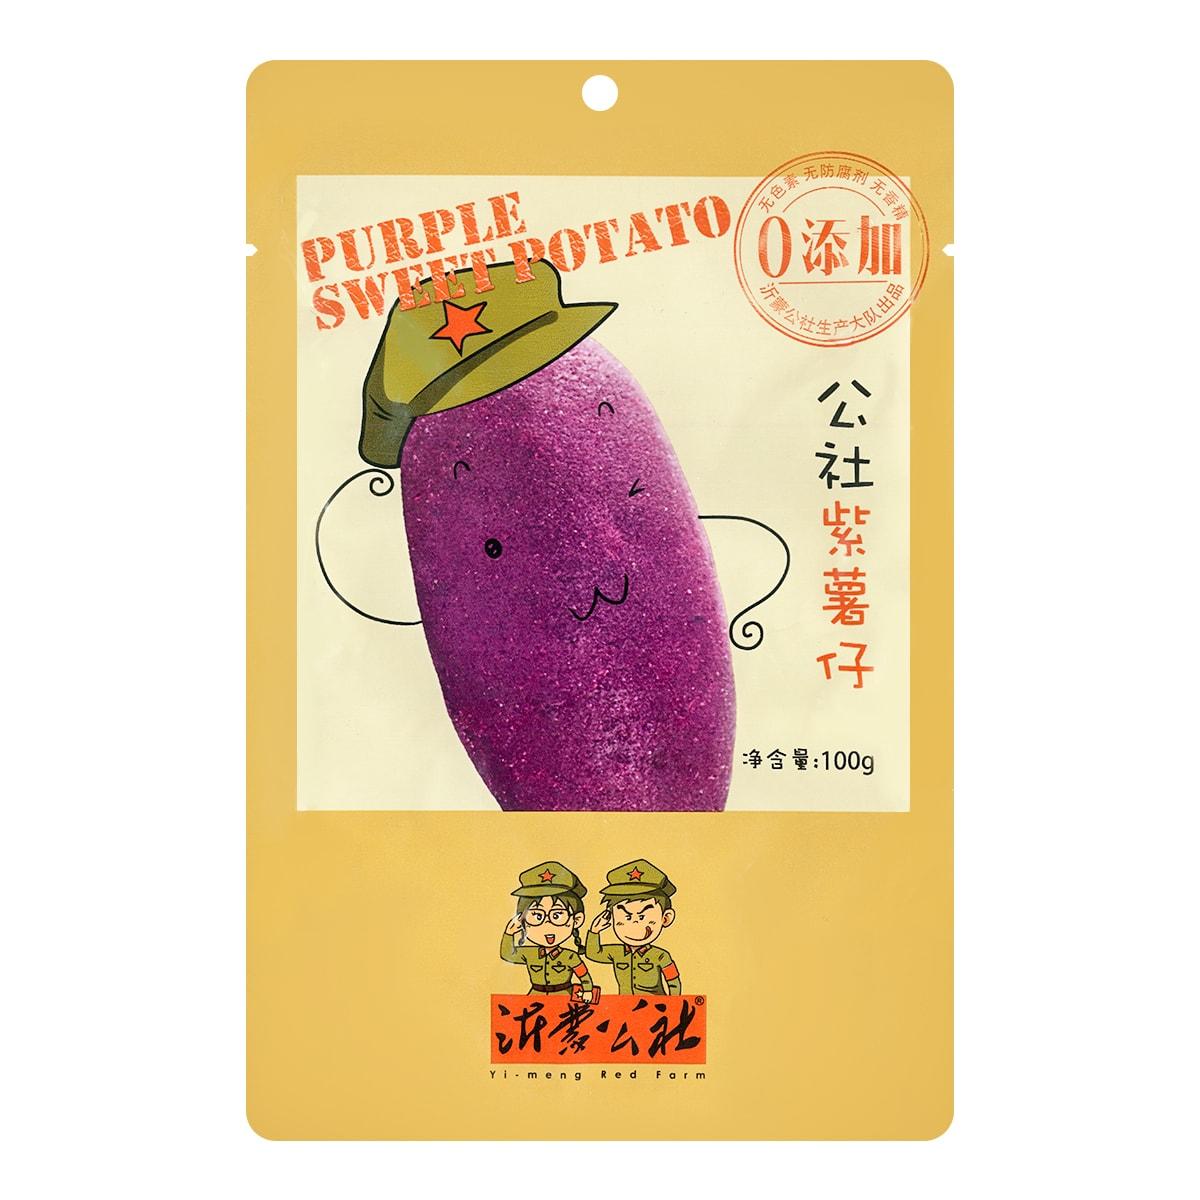 沂蒙公社 紫薯仔 100g